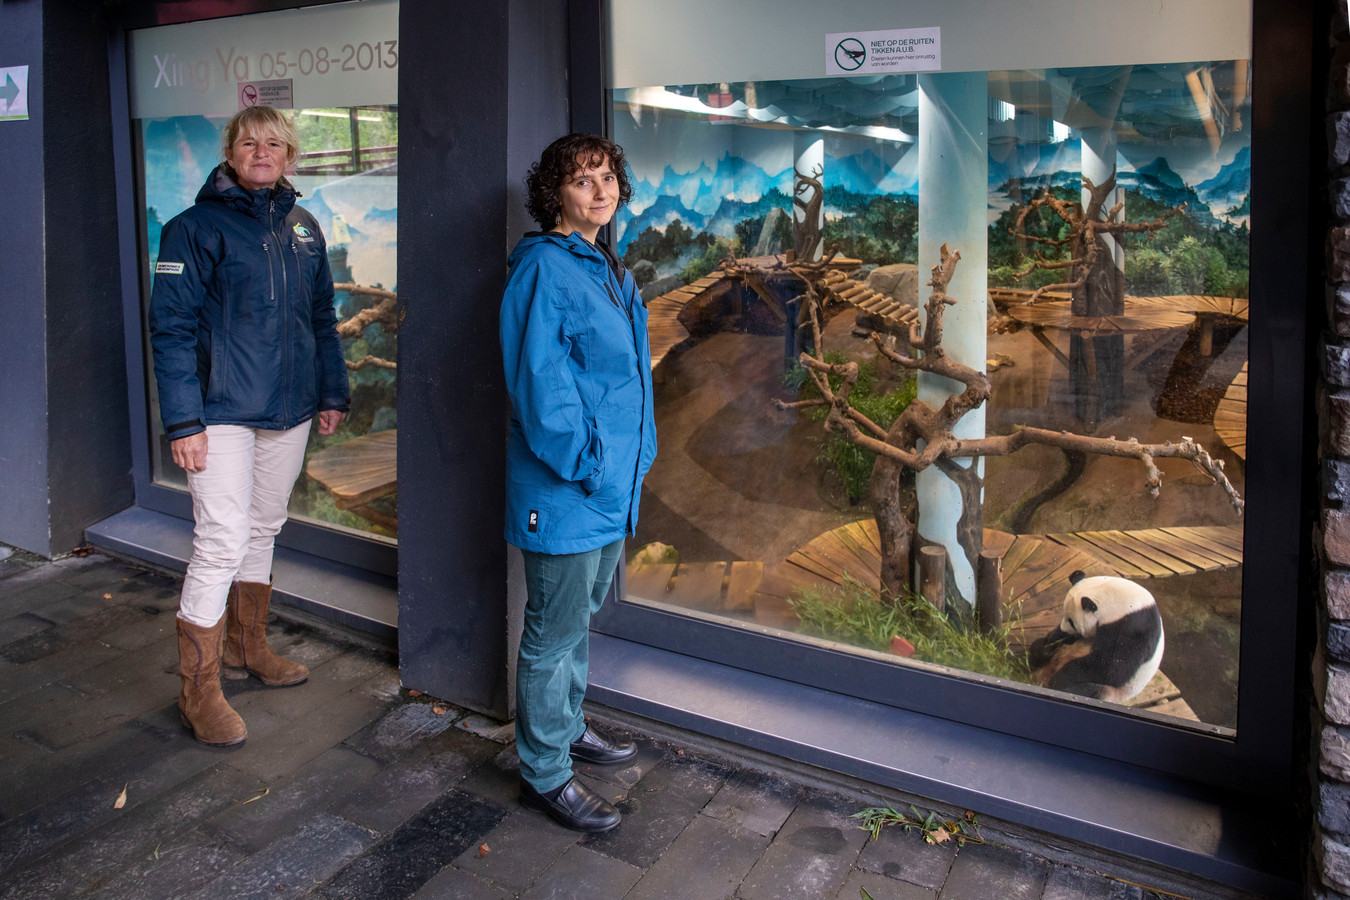 Met behulp van onder meer de Rhenense panda's moet het lesprogramma 'Bio-diversi-WAT?!' kinderen kennis bijbrengen over biodiversiteit. Hoofd dierenverzorging José Kok (links) benaderde de WUR voor een samenwerking: Rebekah Tauritz ontwikkelde mede het lesprogramm